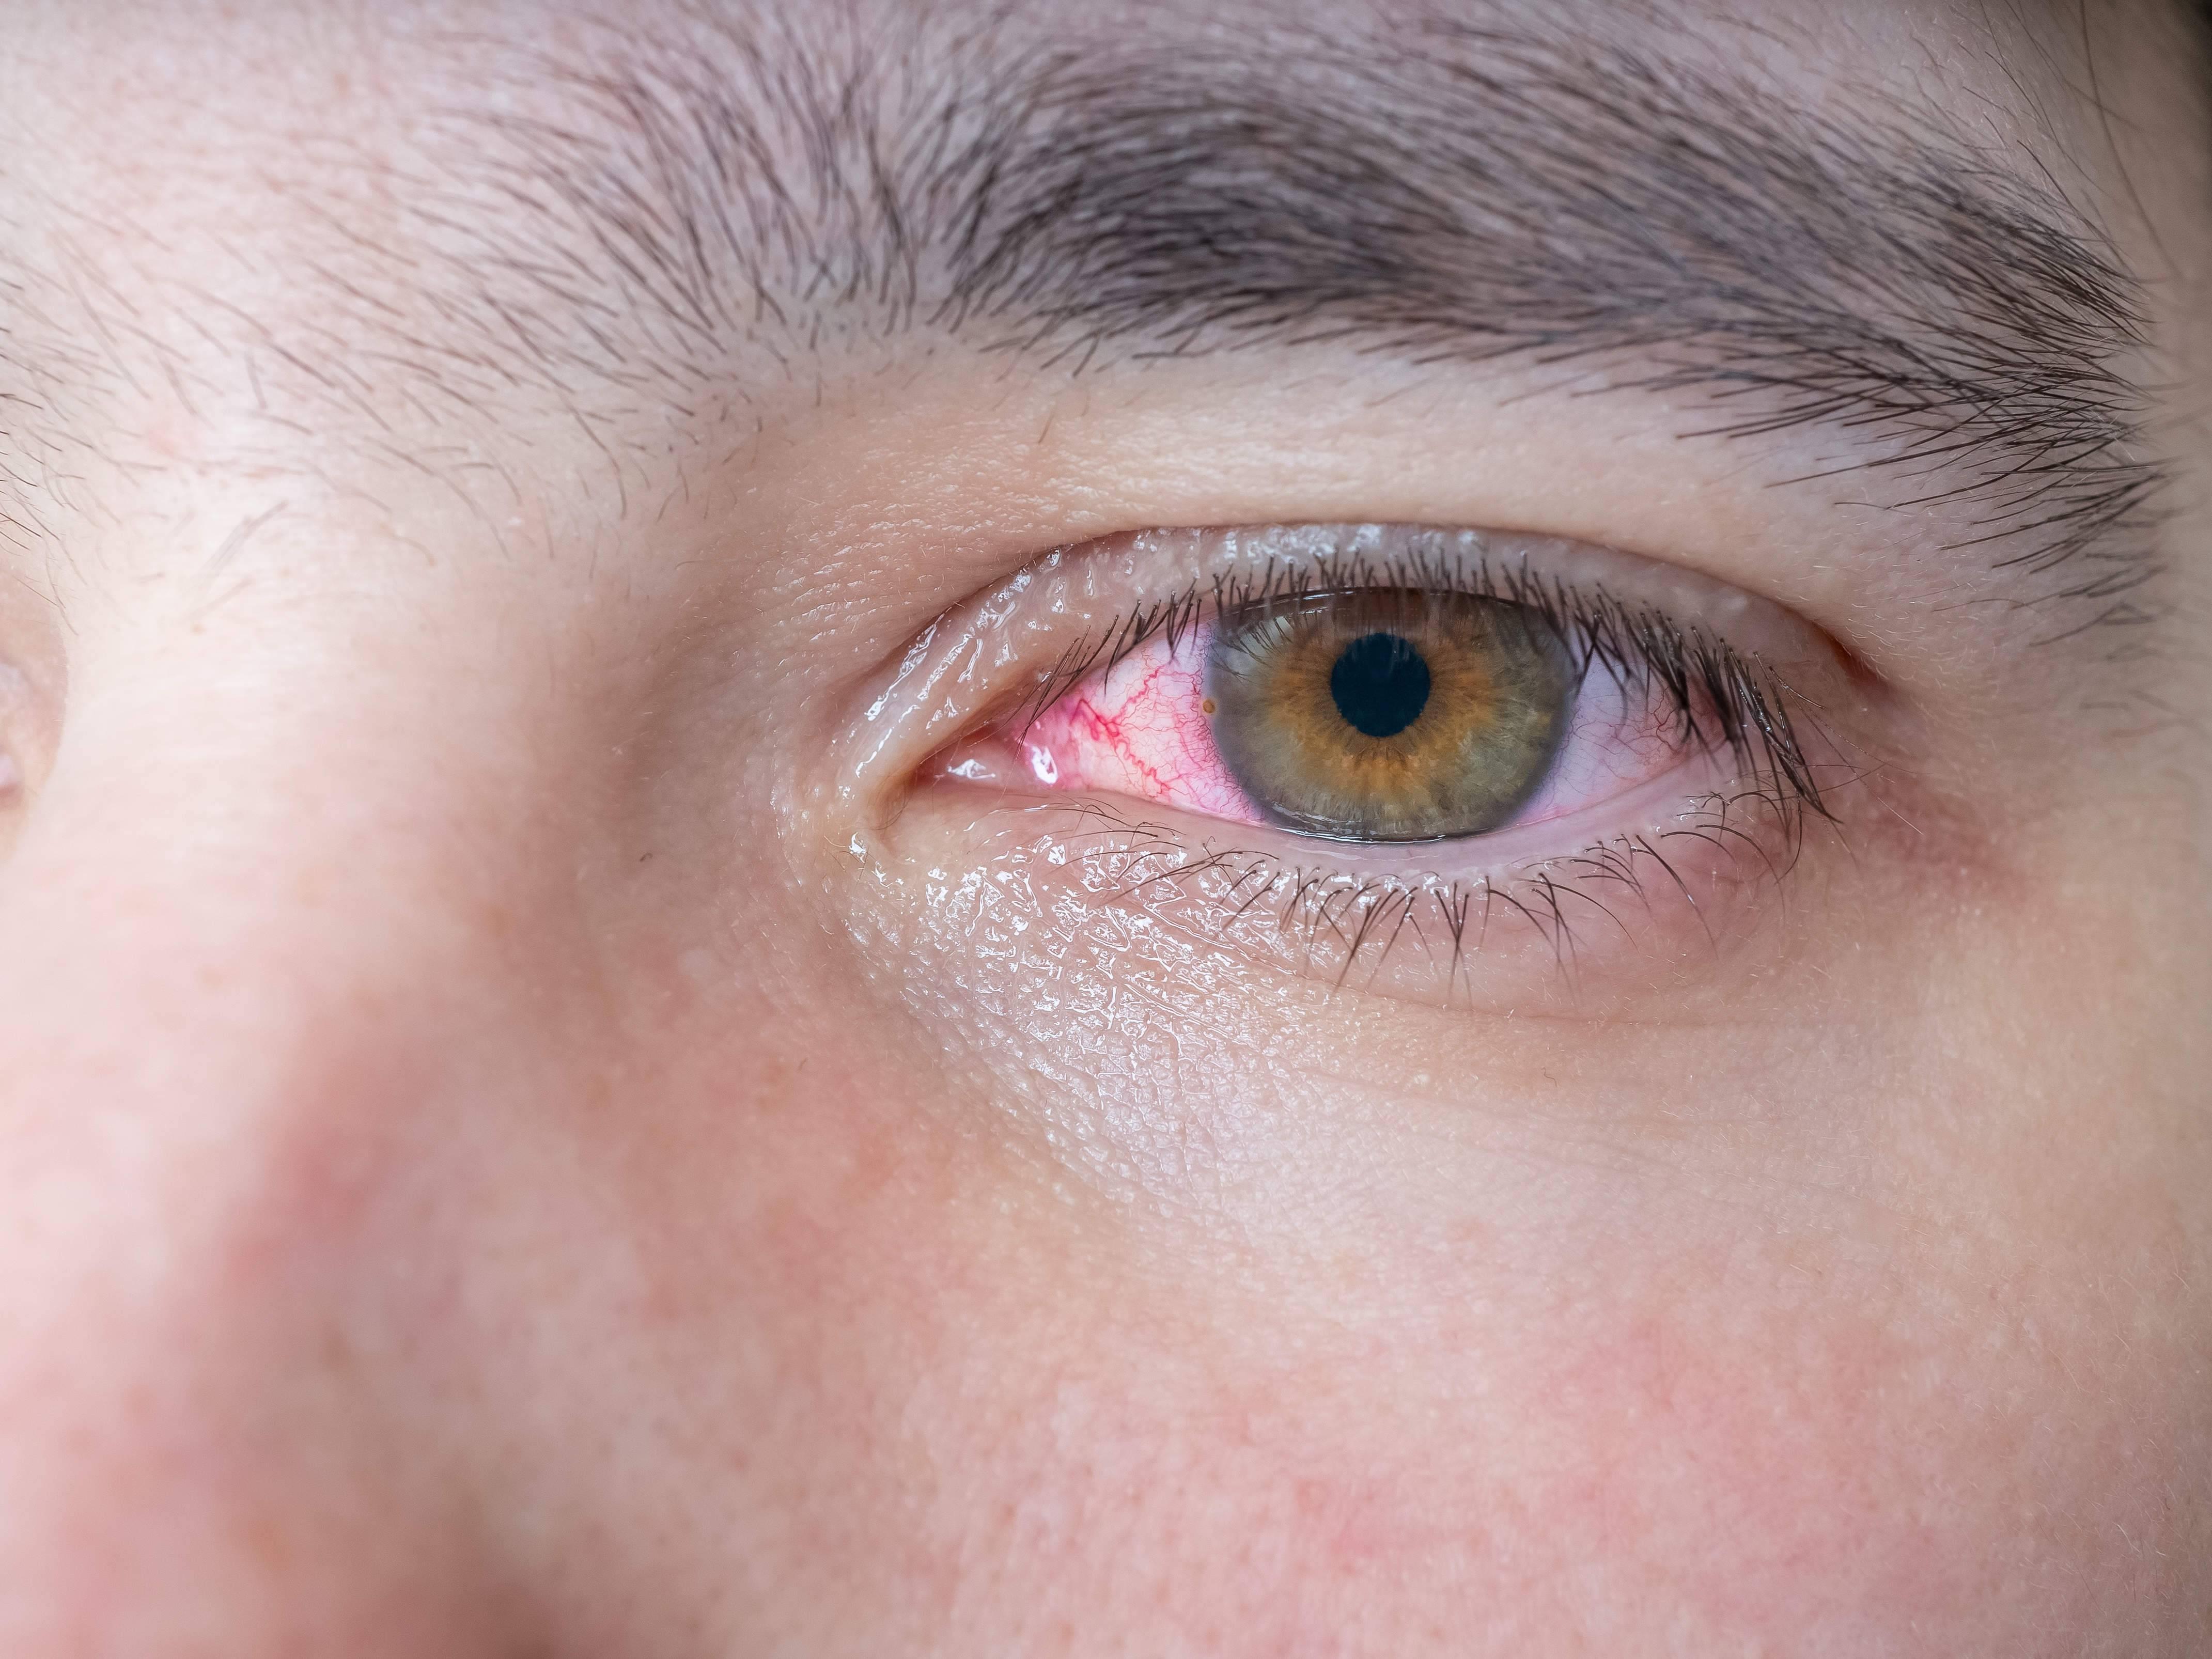 Слезится глаз у взрослого: что делать, если слезы из одного органа, как и почему лечить его у человека, причины, лечение каплями